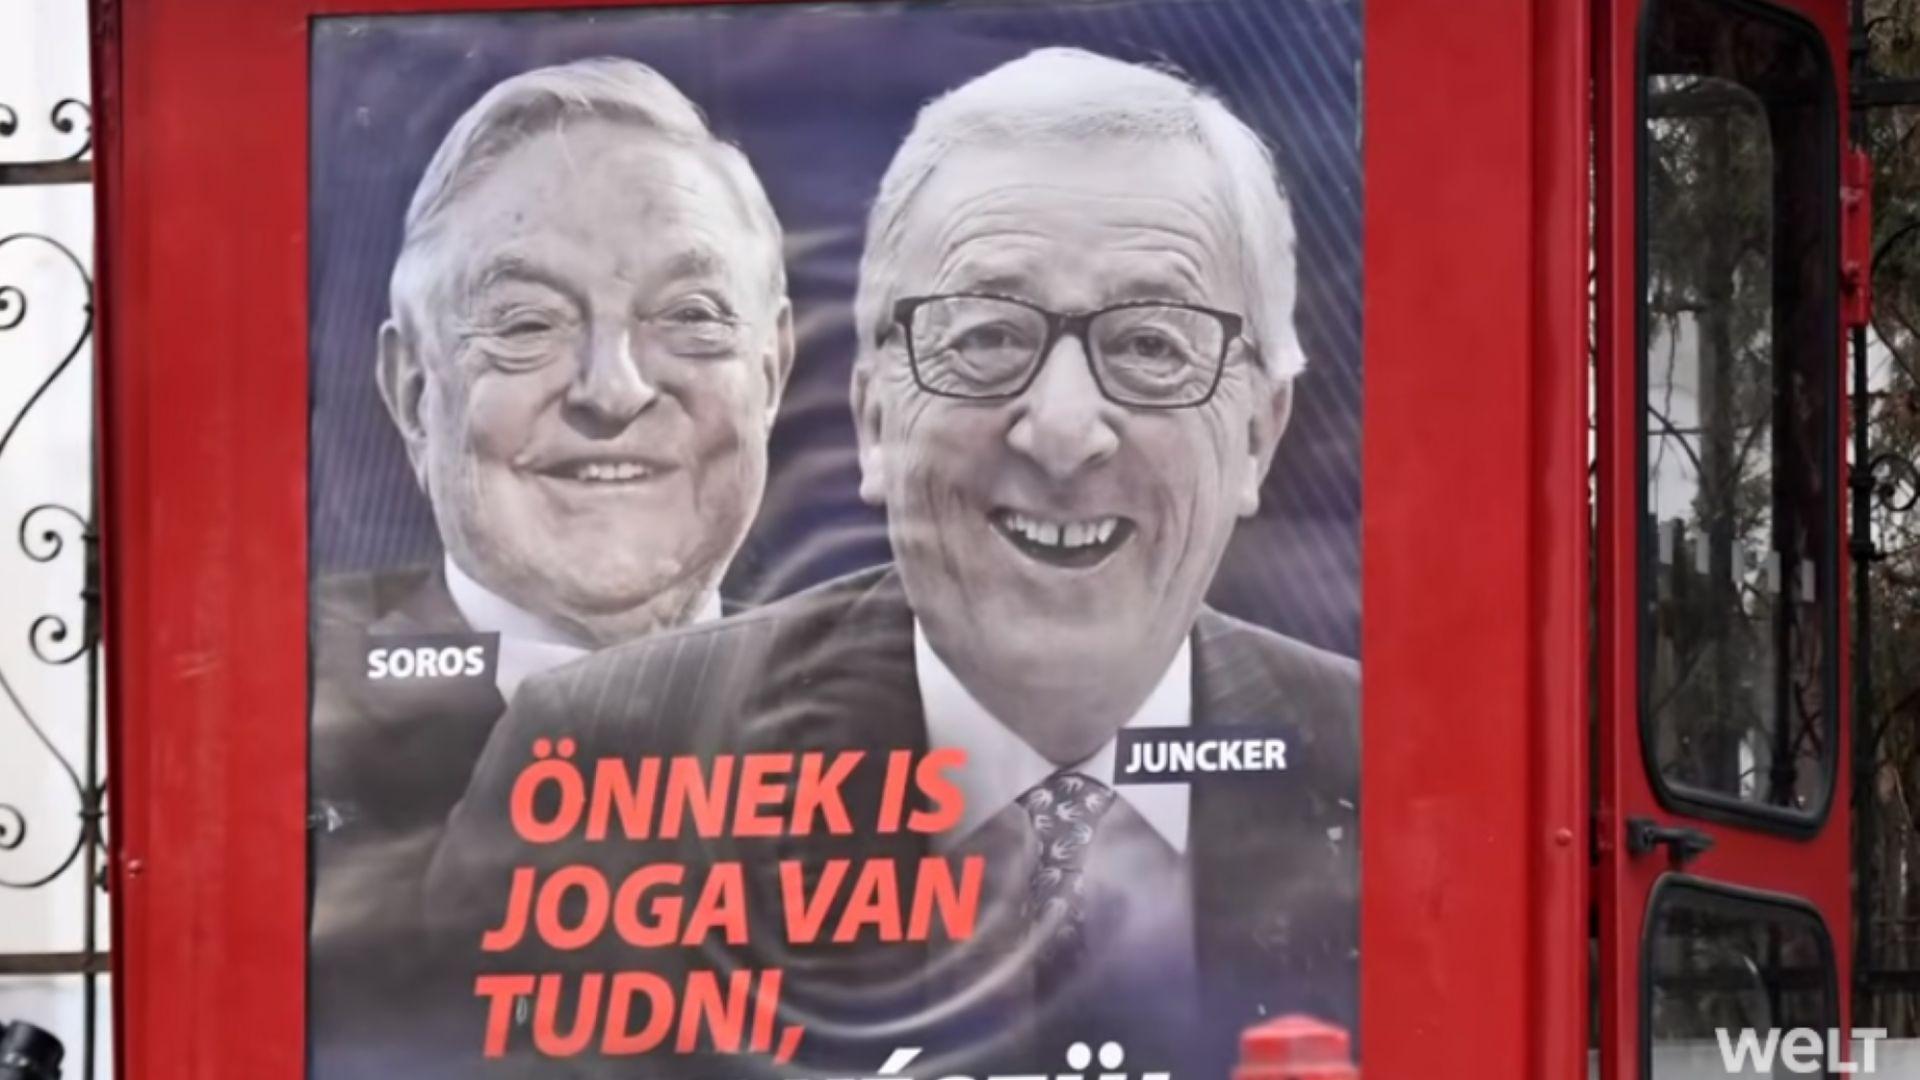 Снимка: Орбан обясни защо пусна плакати със своите противници Сорос и Юнкер